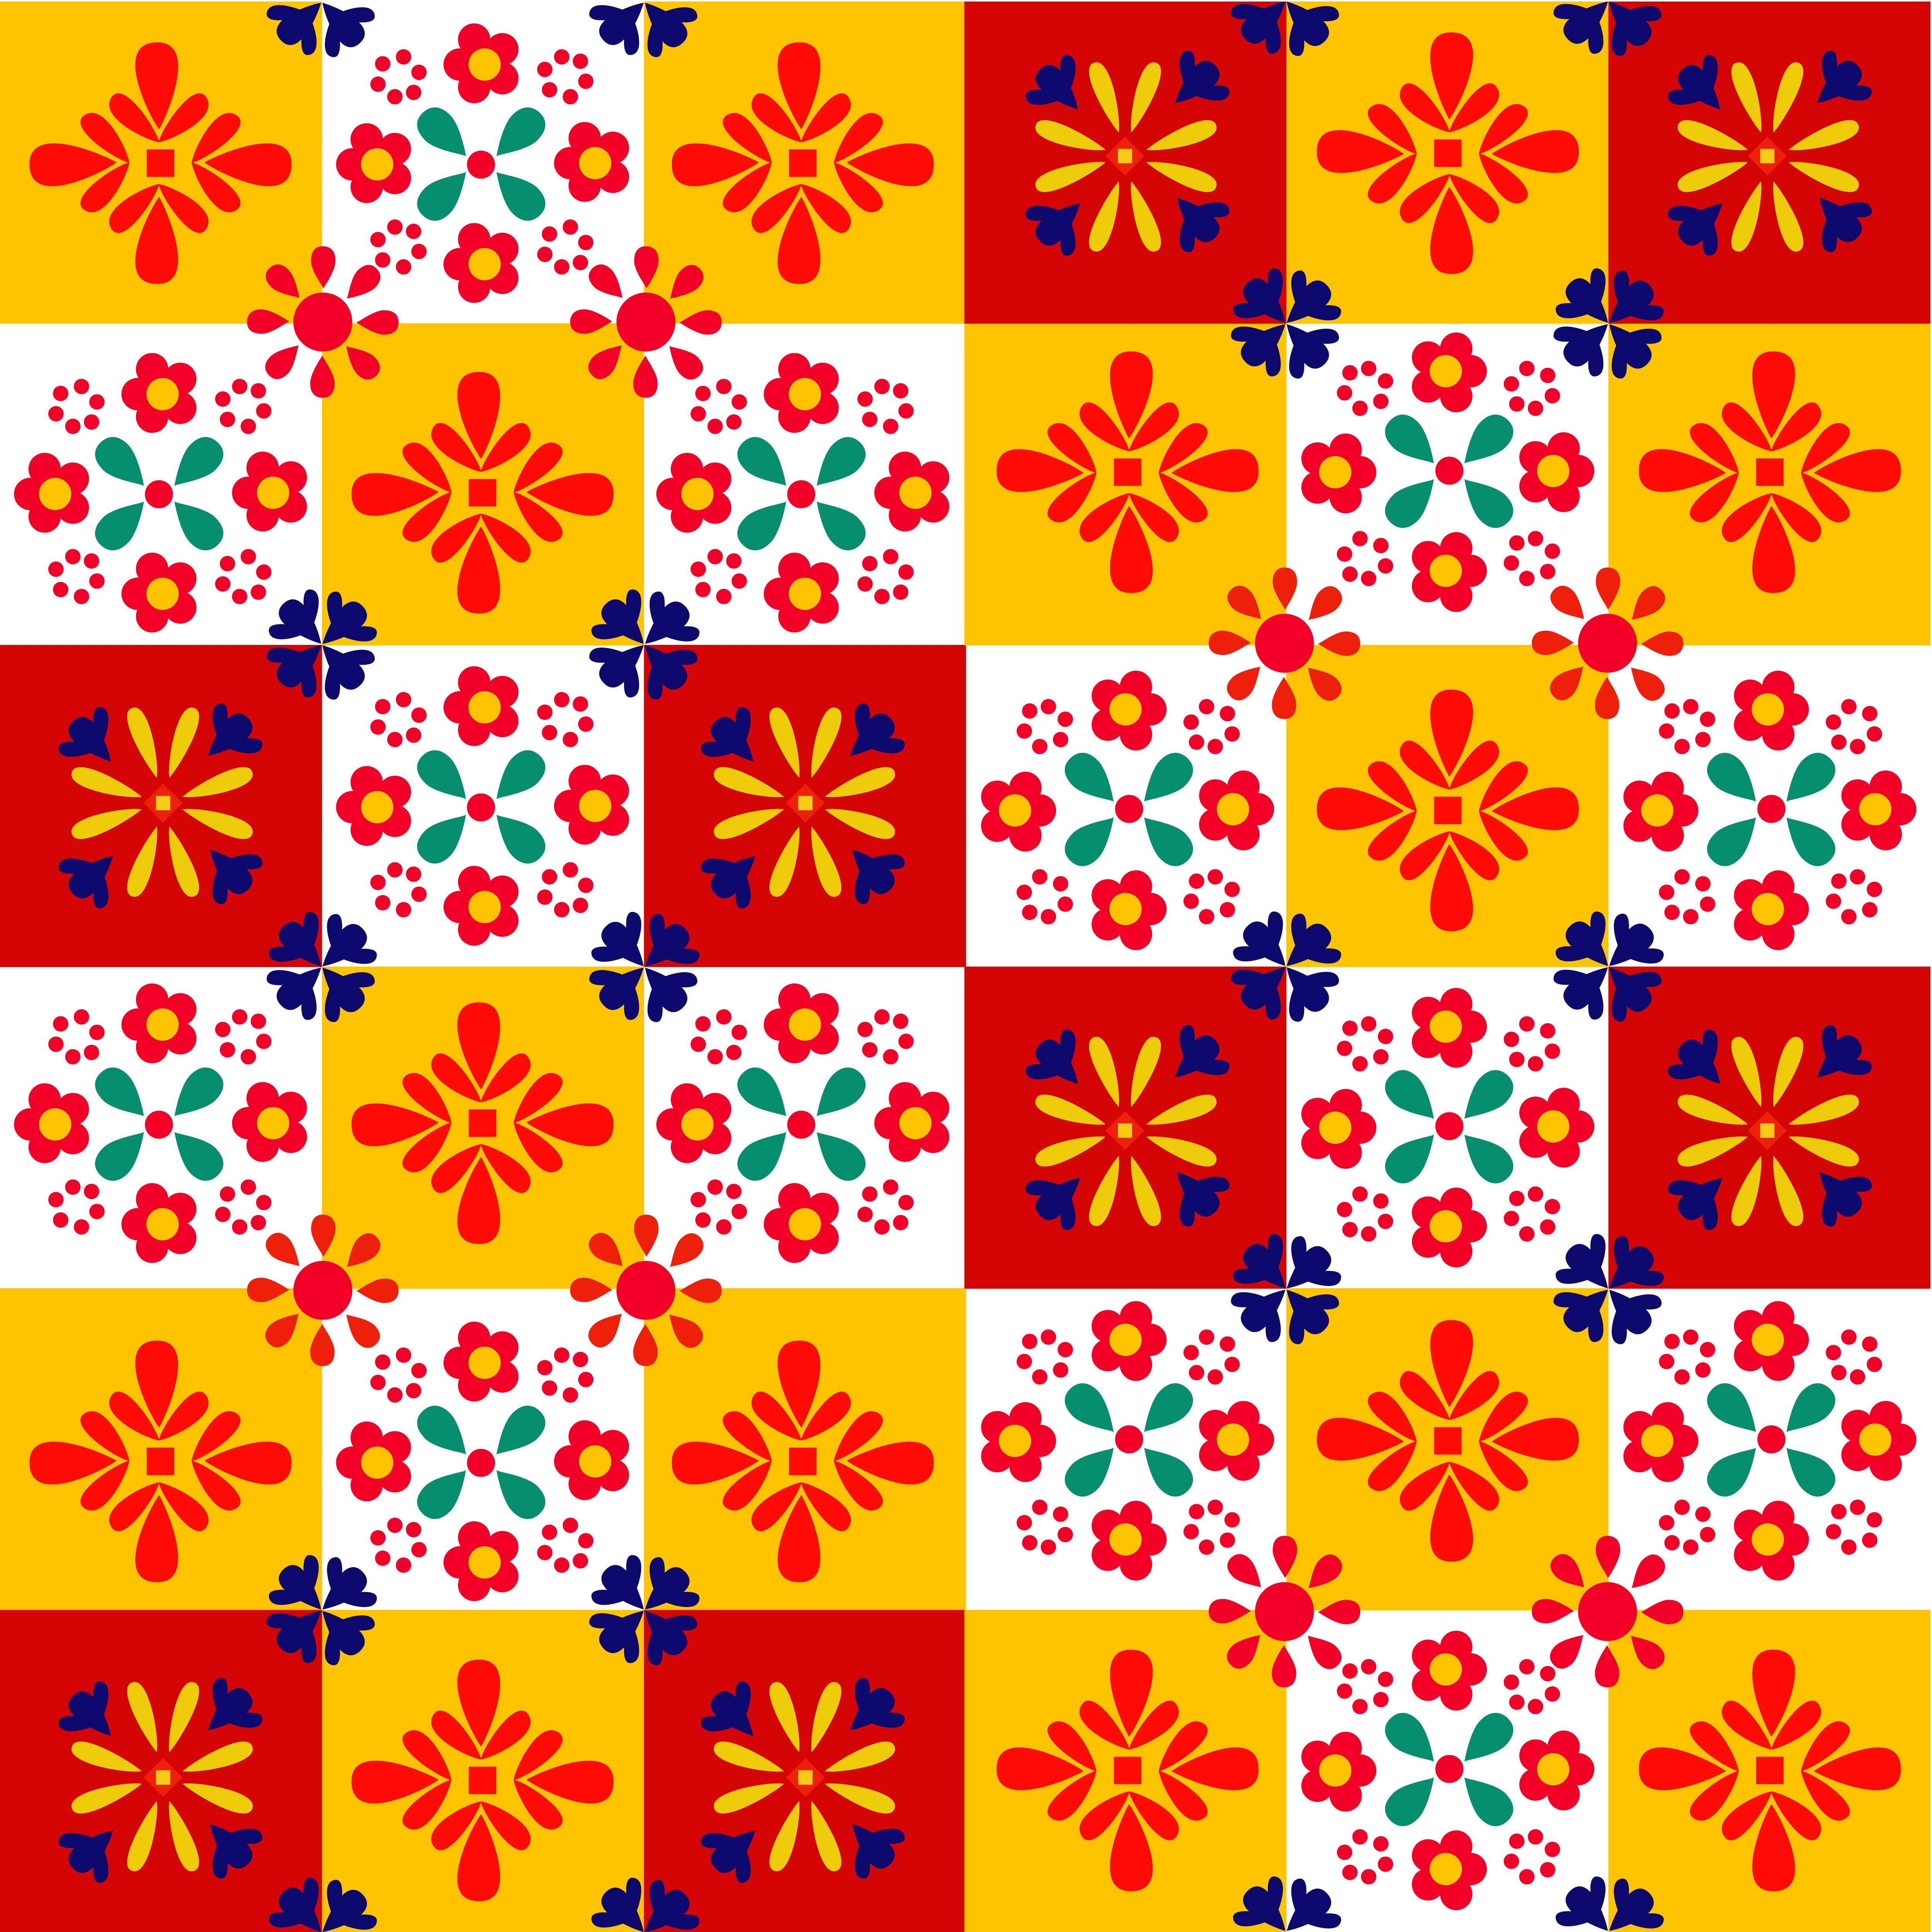 スペインタイル柄 タイル 柄 スペイン タイル スマホ壁紙